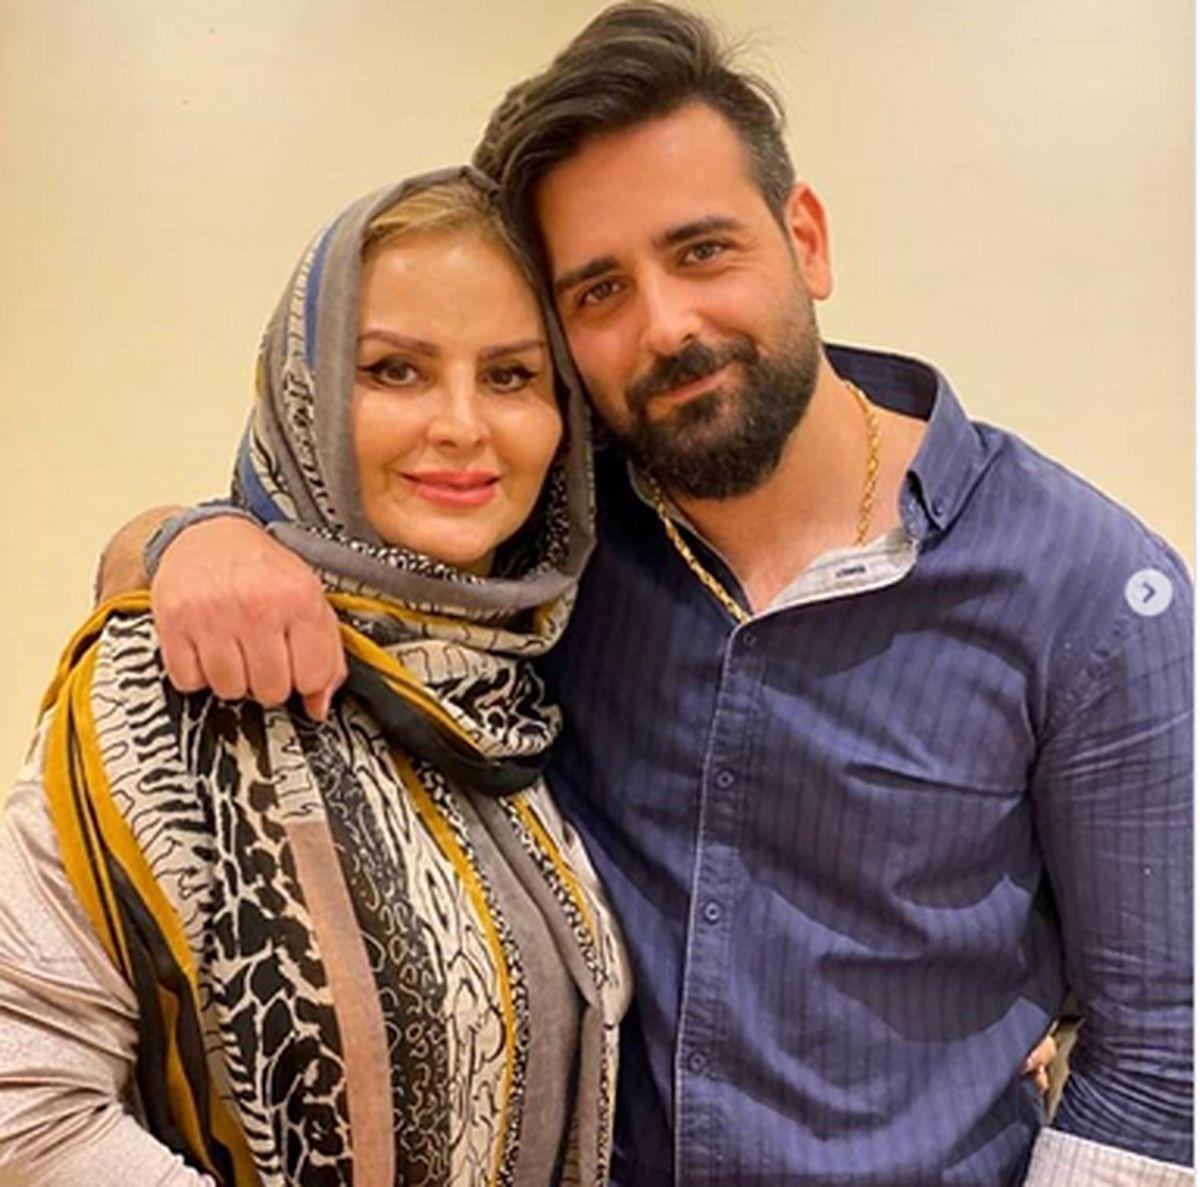 فیلم لورفته از امیرحسین آرمان در جاده چالوس